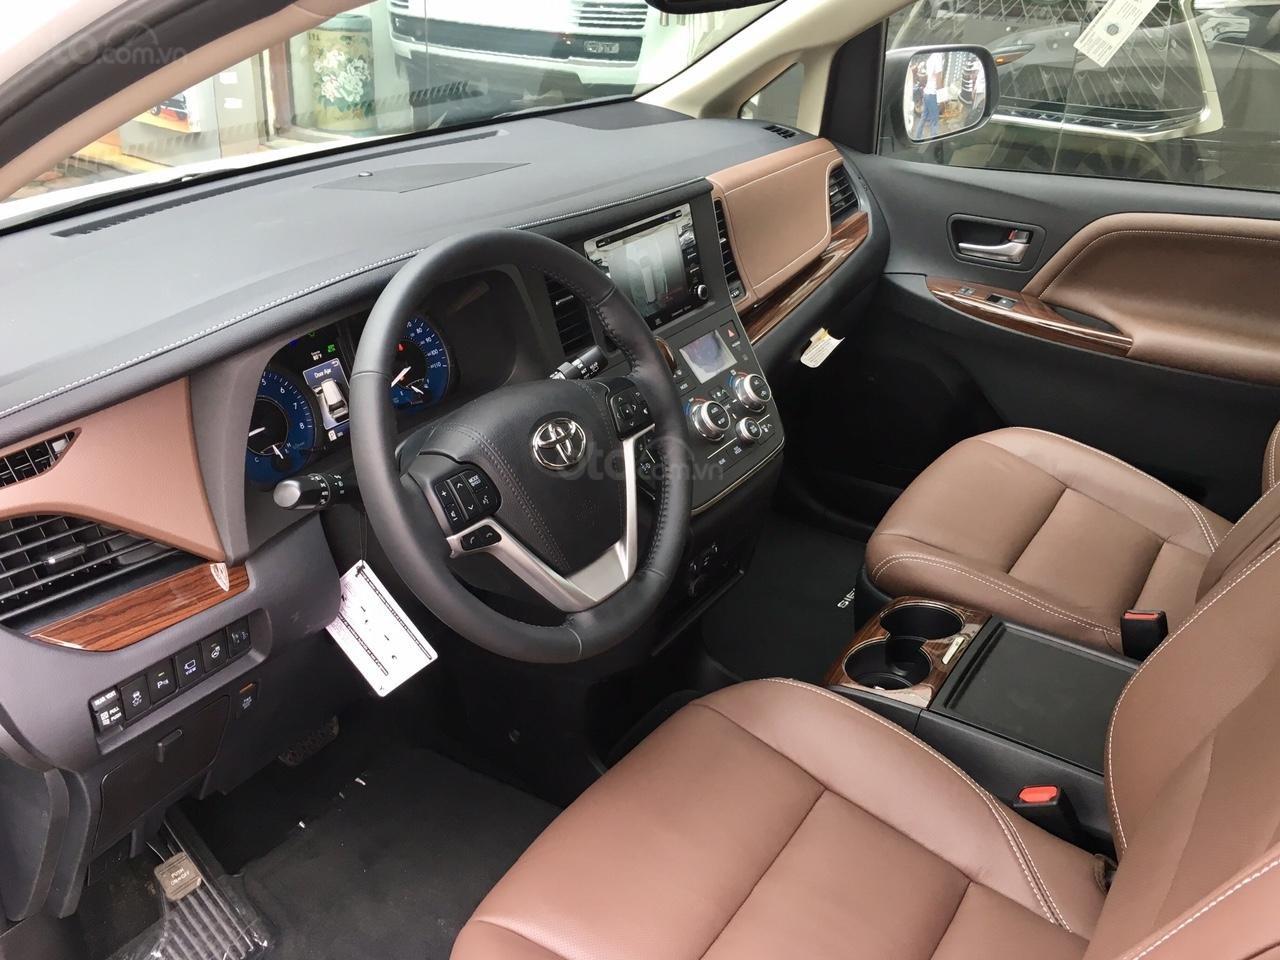 Bán Toyota Sienna Limited 1 cầu 2019, nhập Mỹ đủ màu, Lh 0945.39.2468 Ms Hương (13)